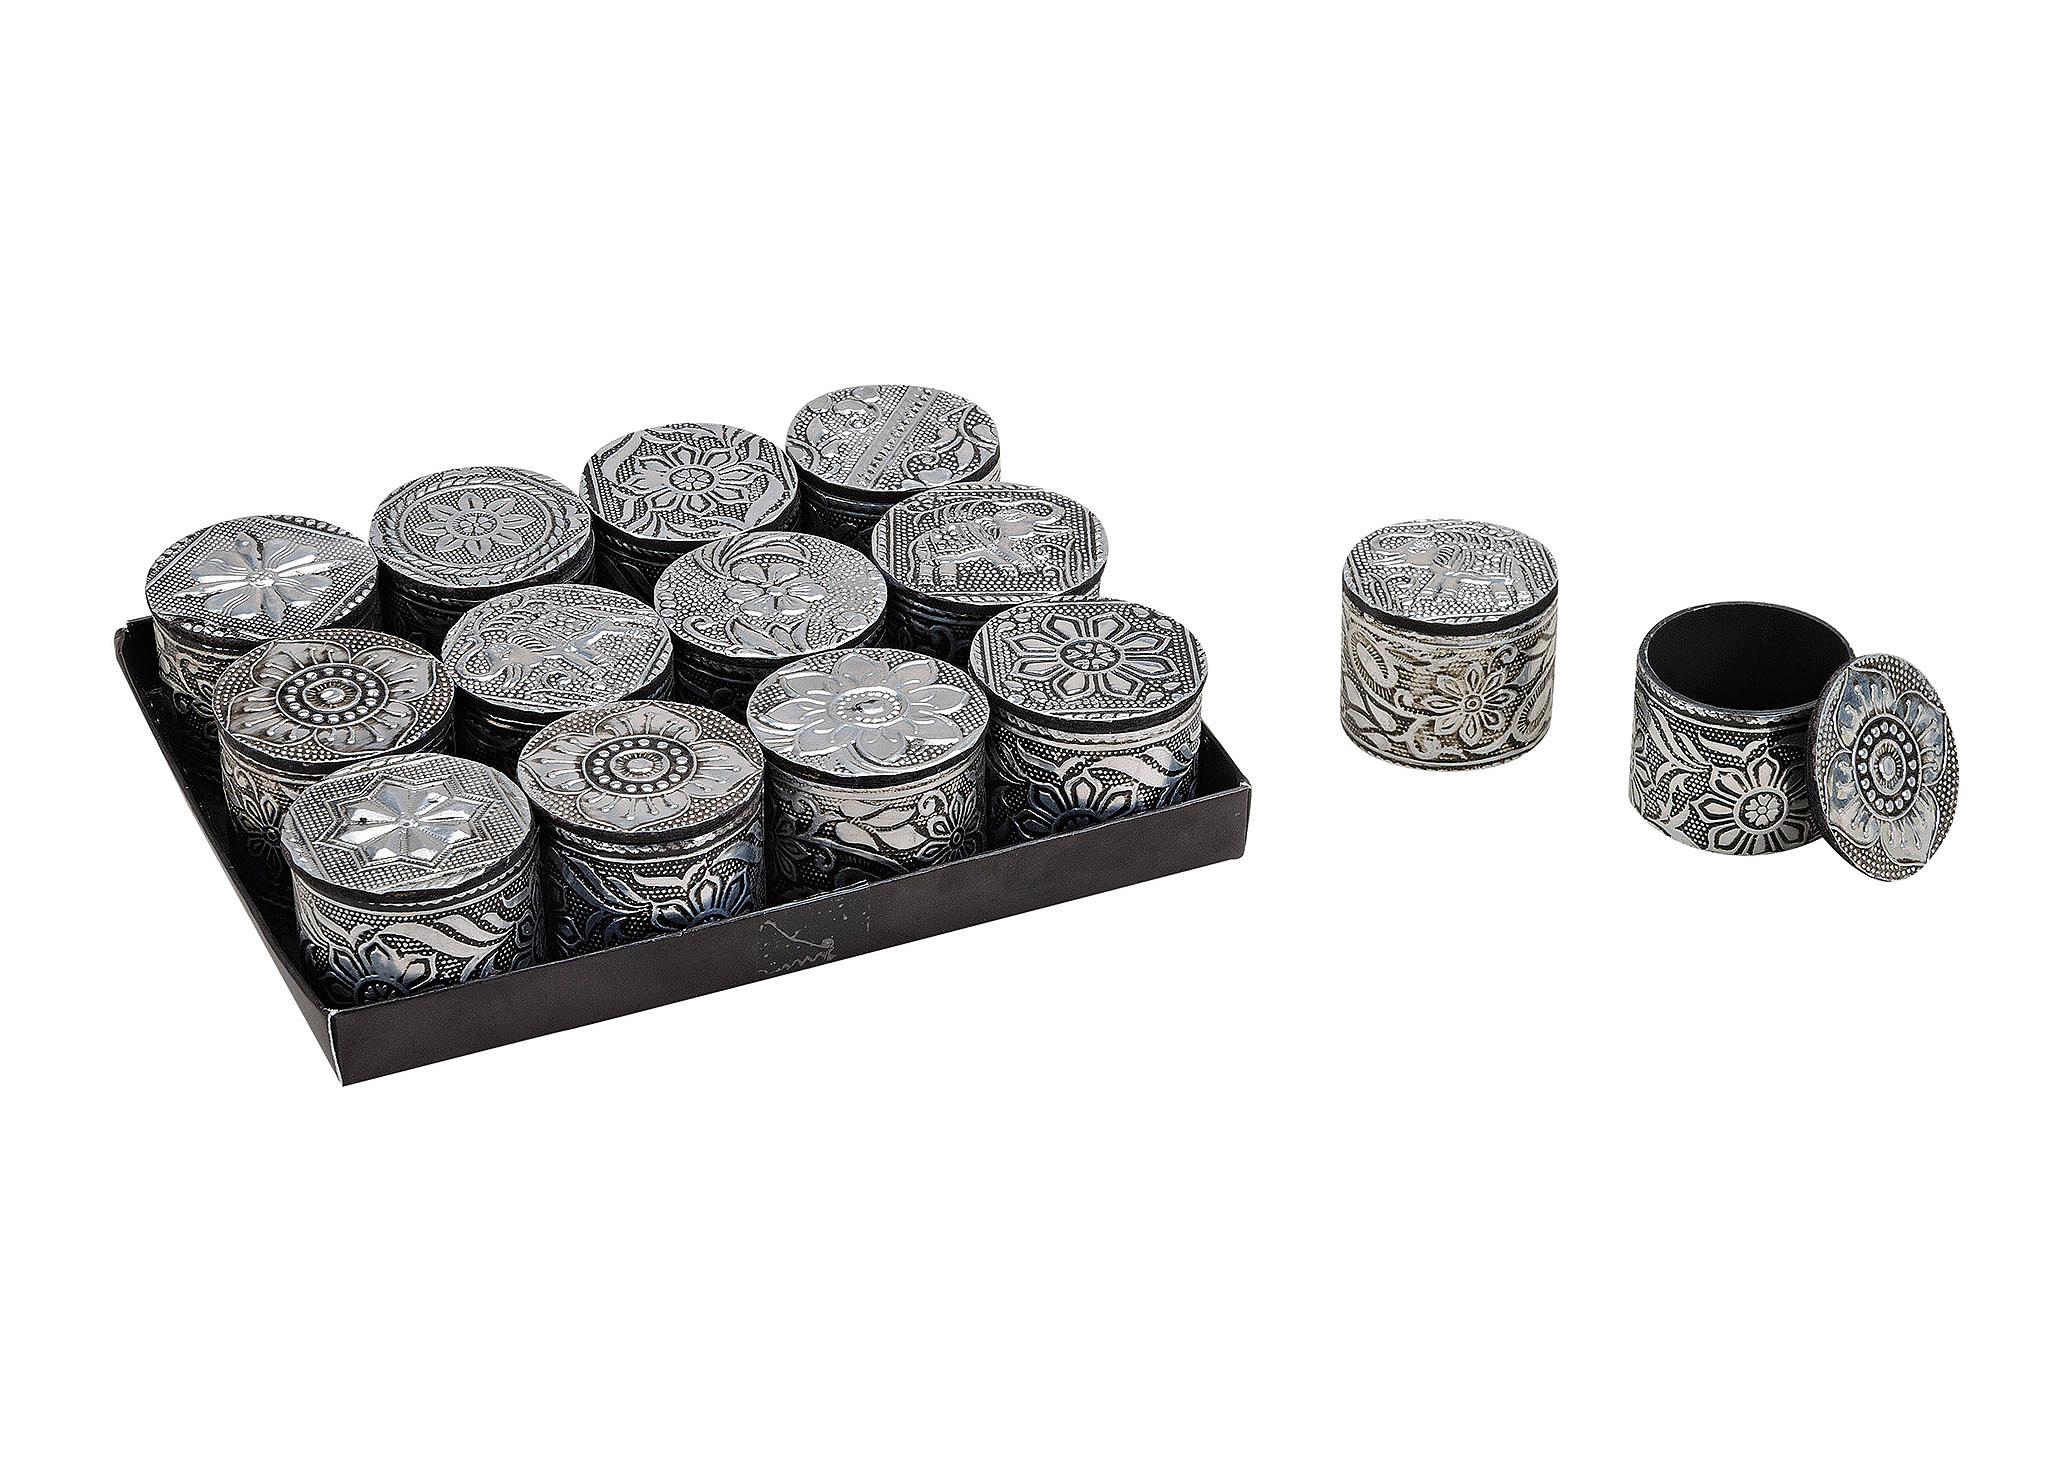 šperkovnice ORIENTAL 4x5 cm, kov a plast - 12 druhů